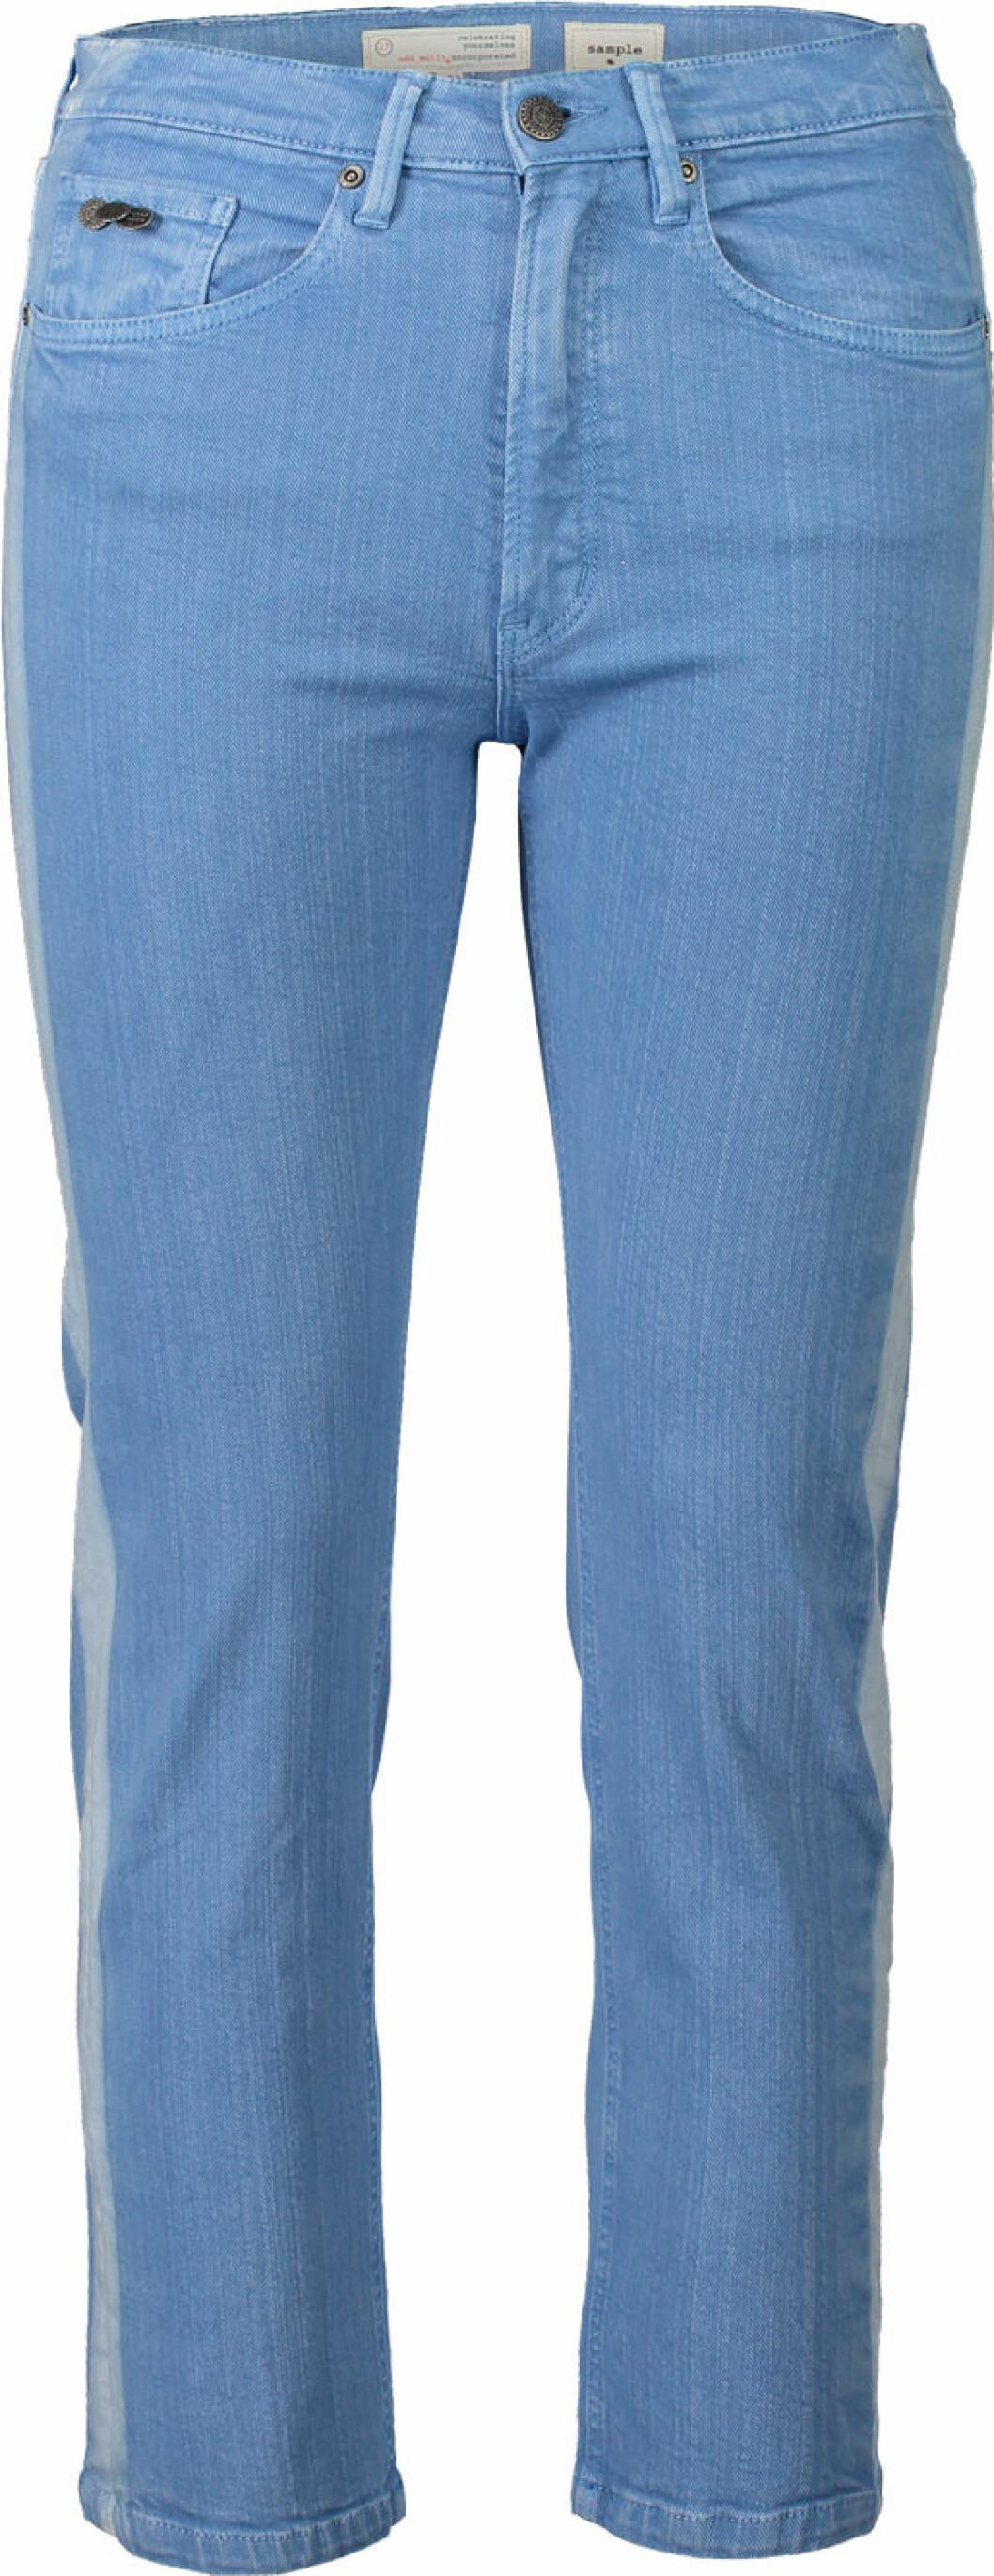 Ljusblå byxor